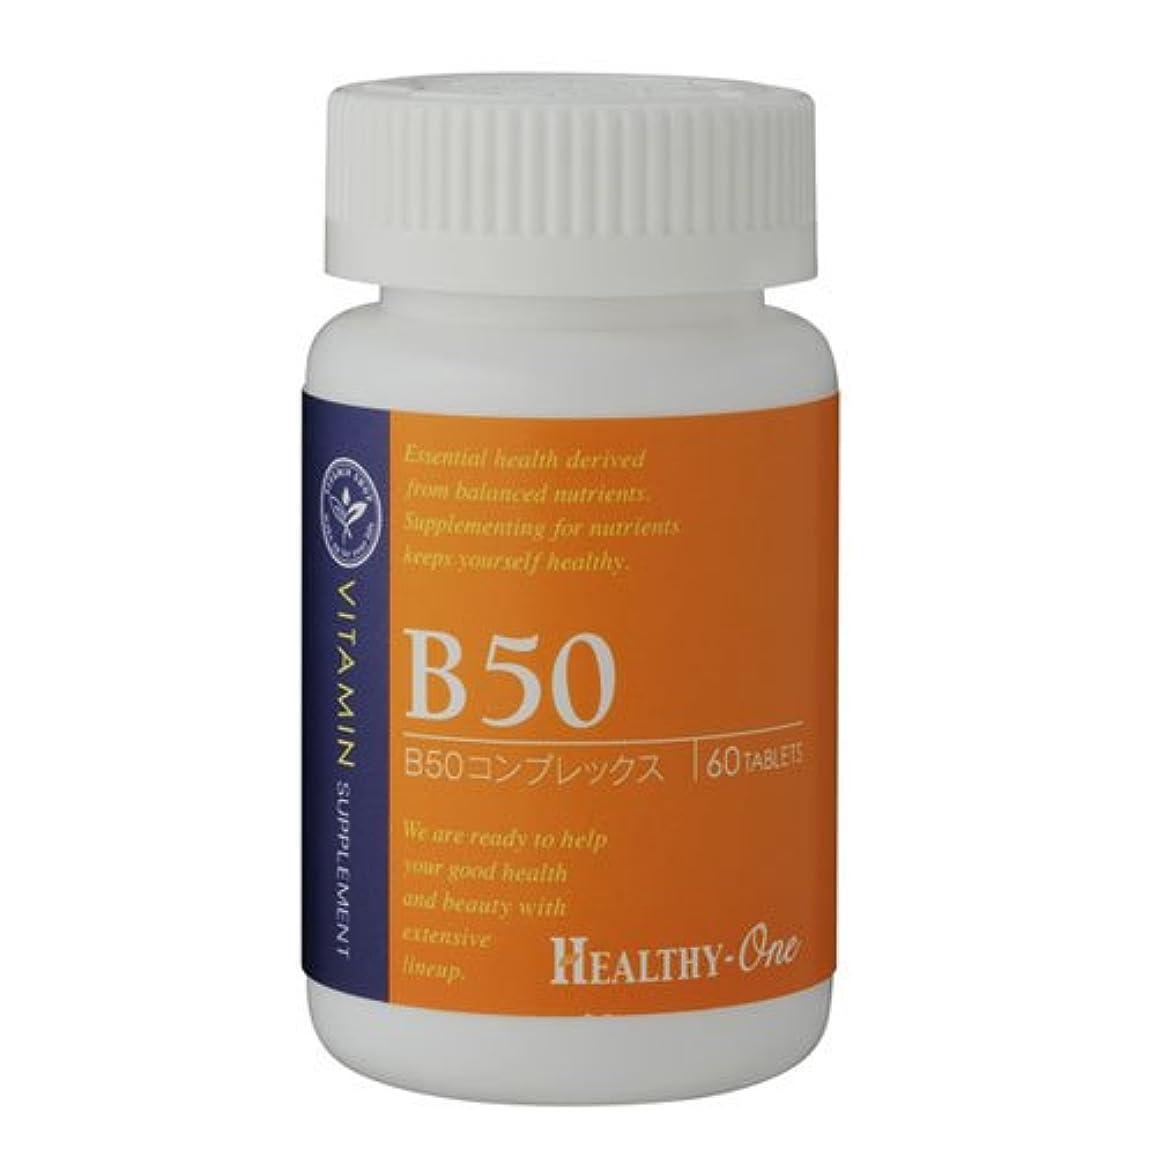 教えて腹実行する【栄養士常駐】 ビタミンB50 60粒 30~60日分 サプリメント専門店ヘルシーワン(国内17店舗展開)TELでお気軽に相談ください